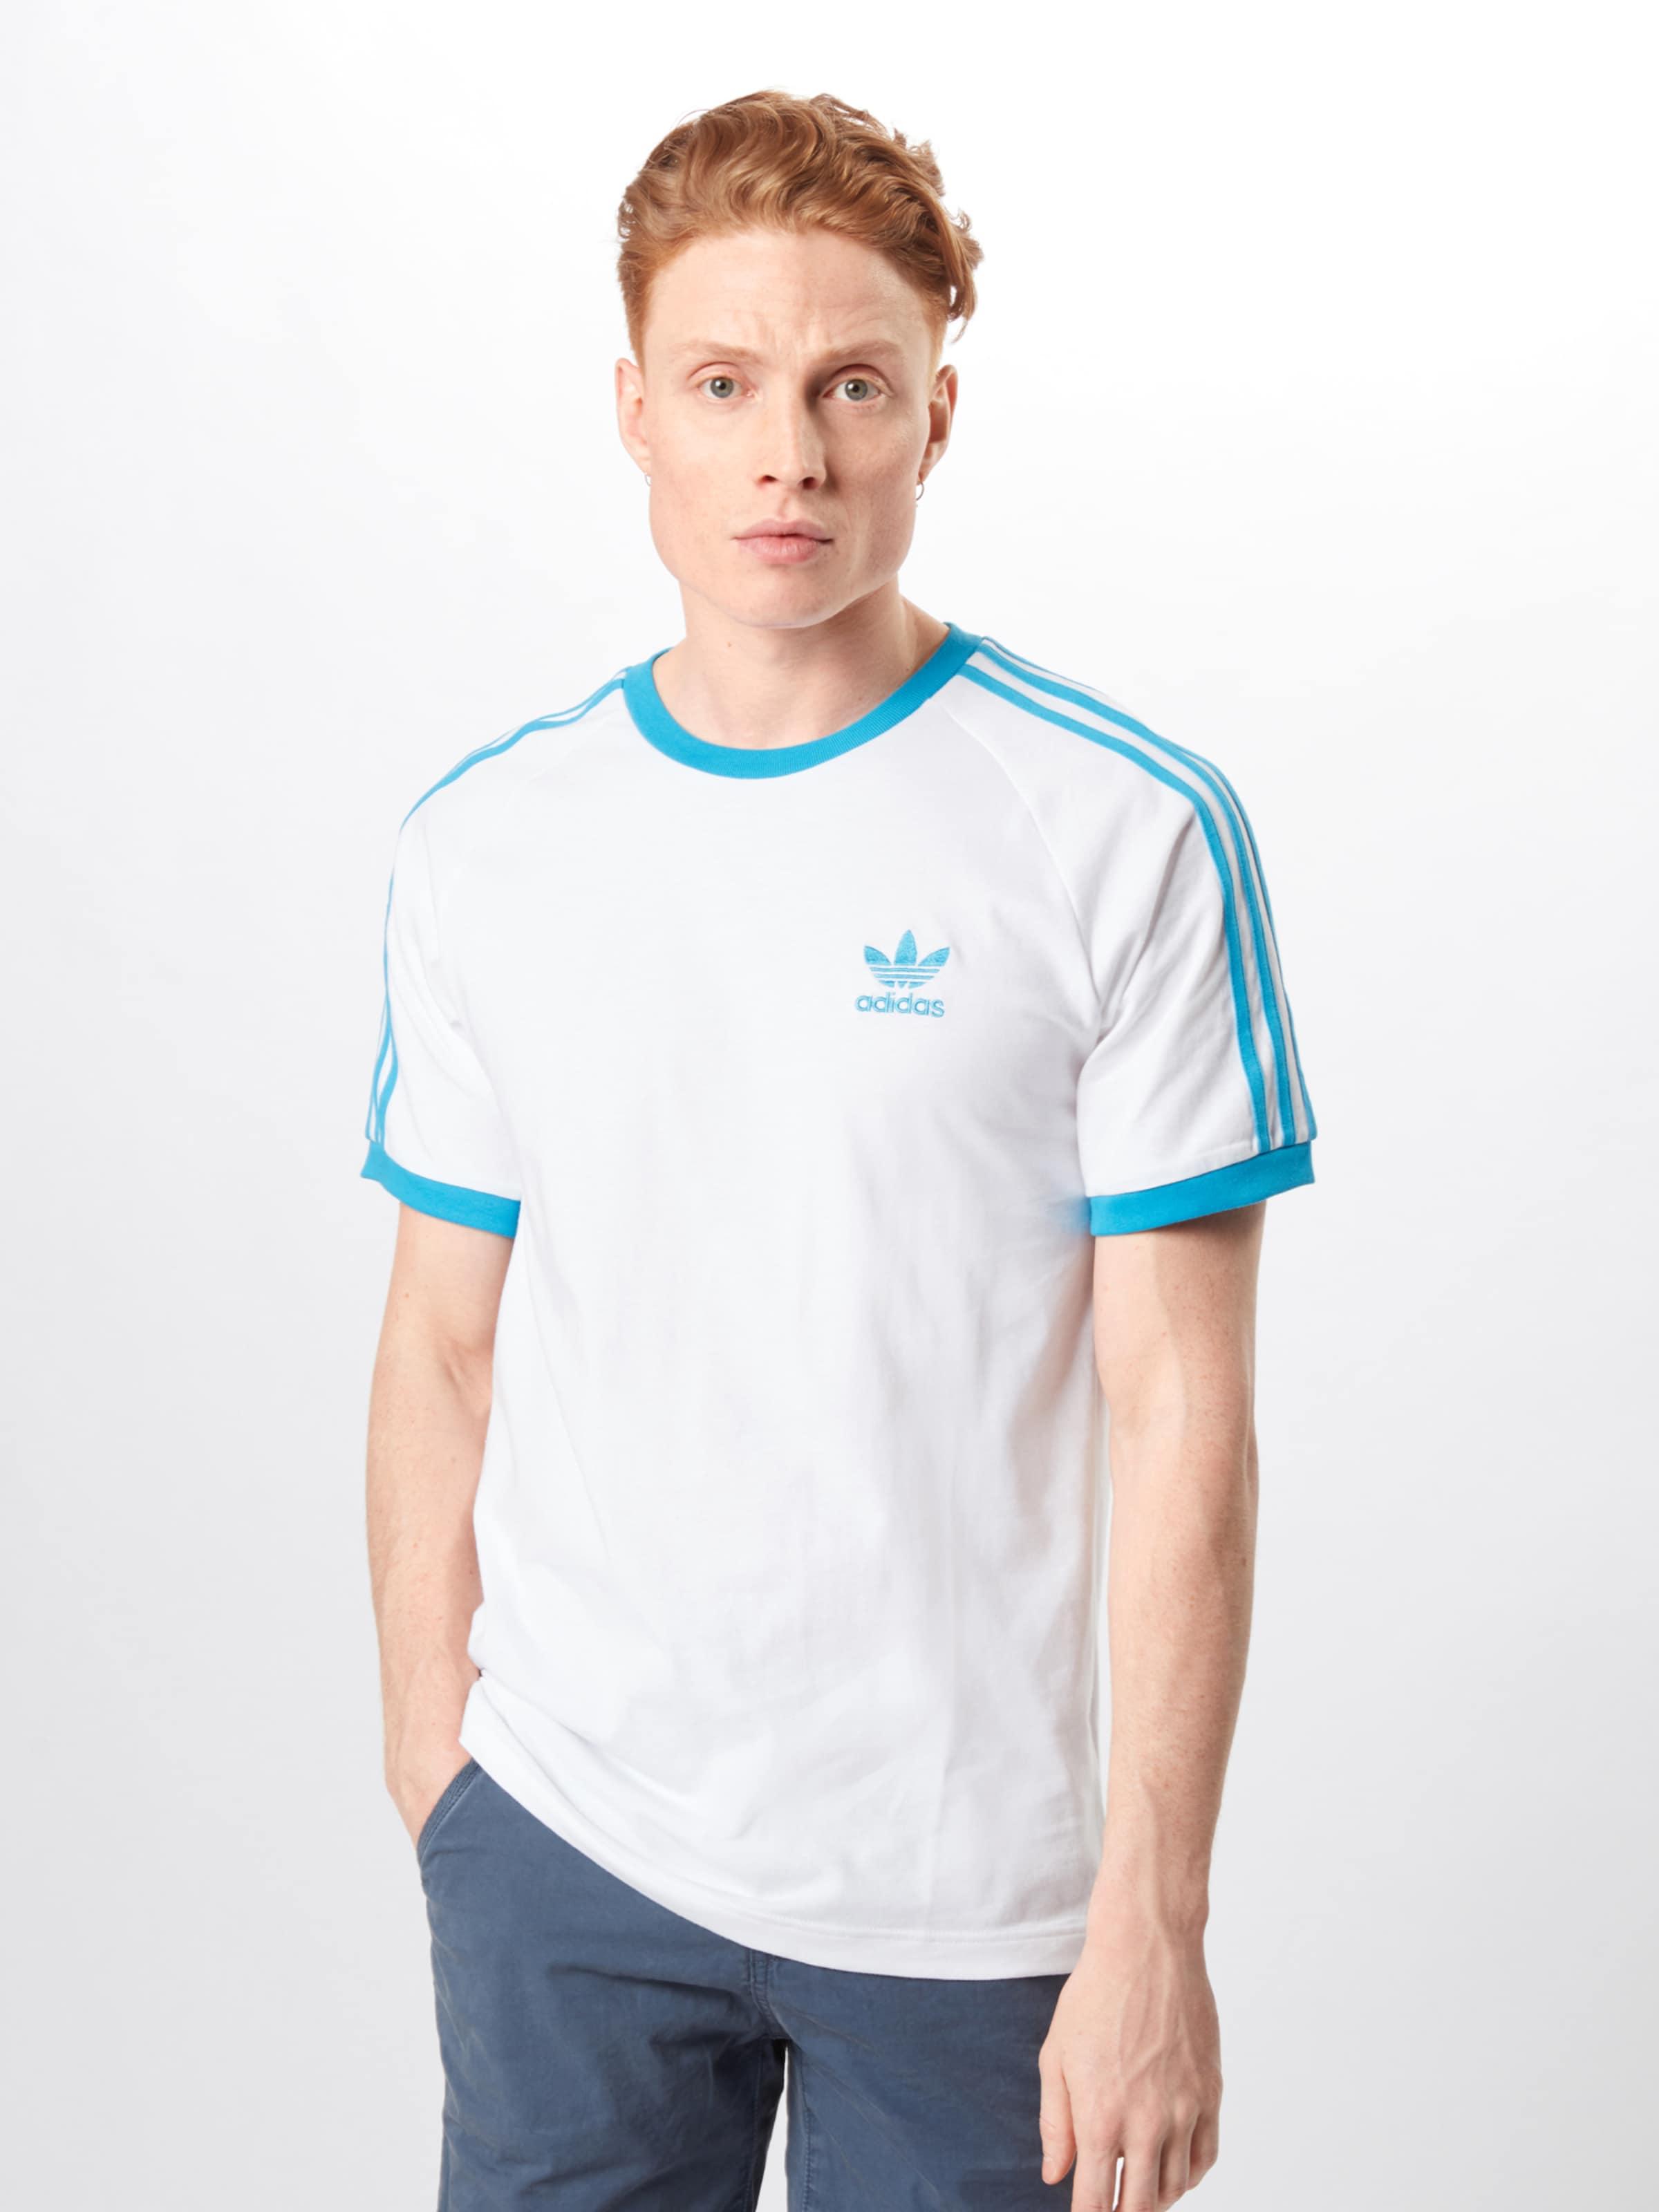 T Adidas TürkisWeiß Originals In shirt bf76YvIgy